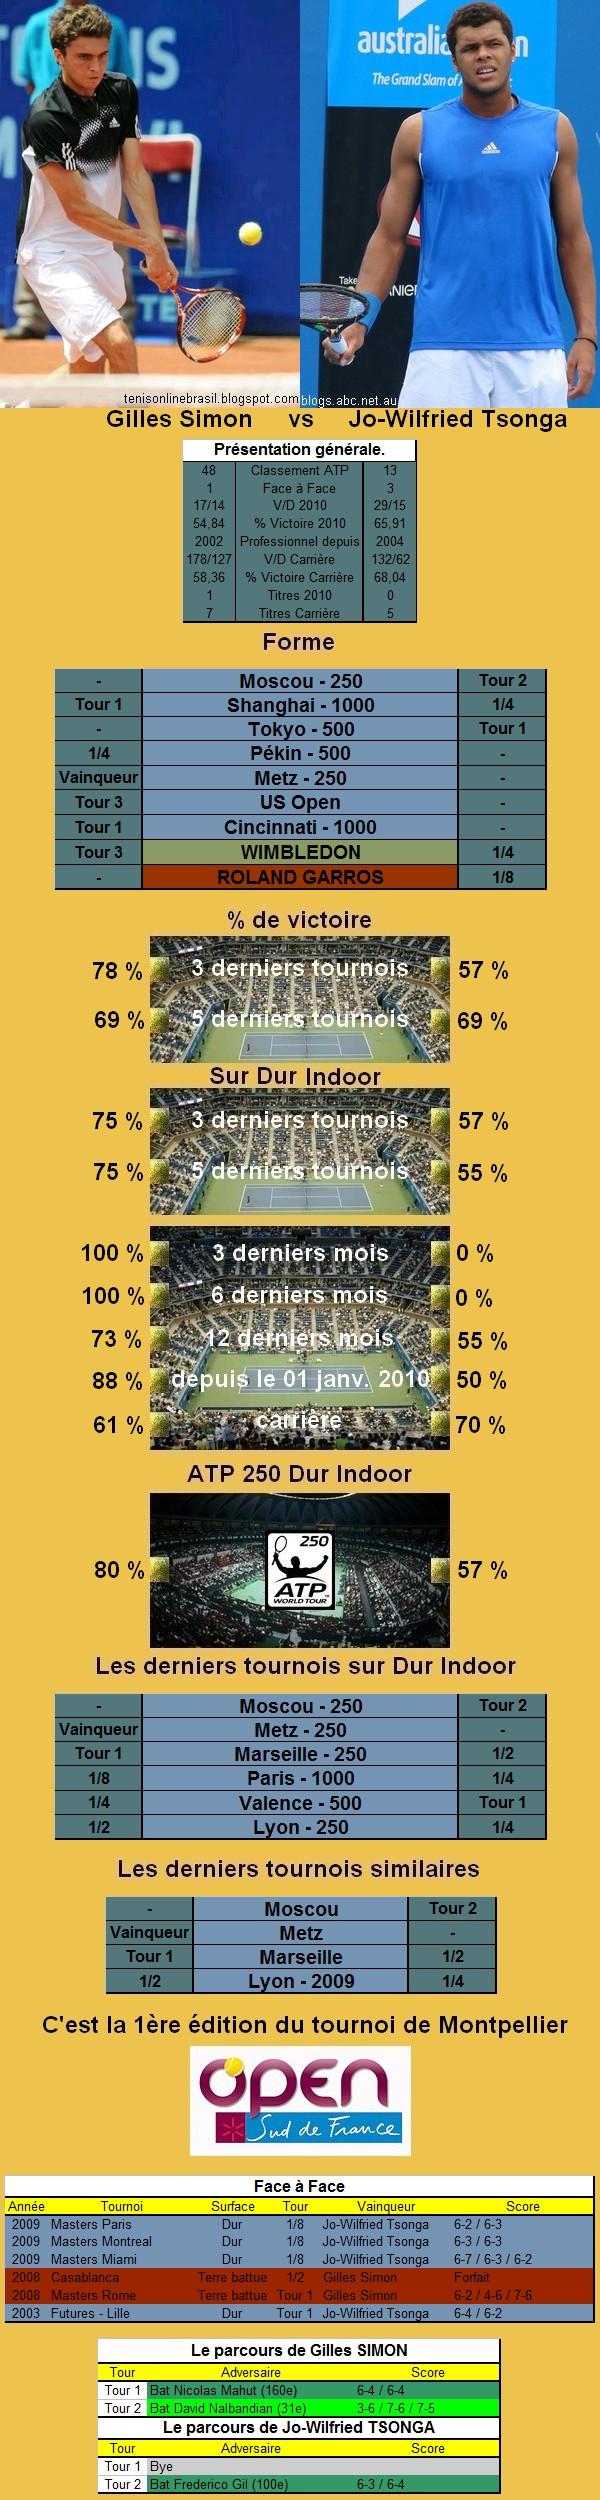 Statistiques tennis de Simon contre Tsonga à Montpellier